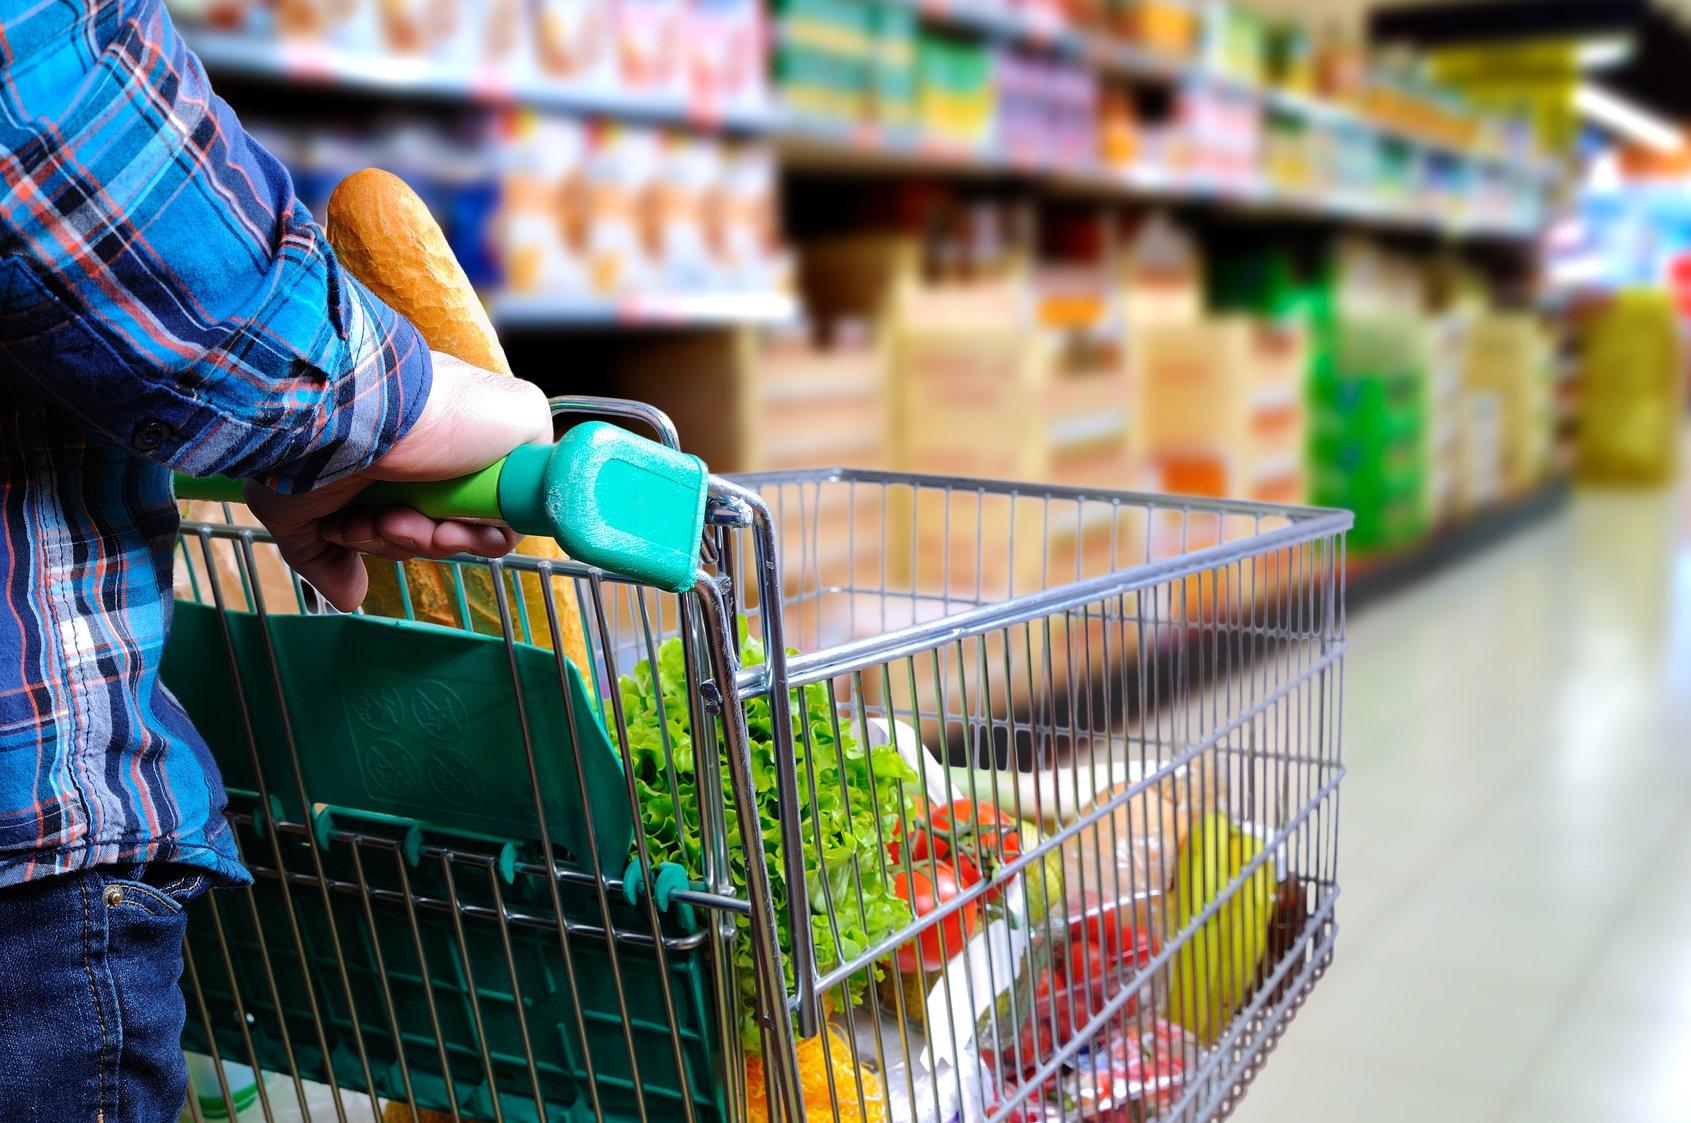 Einkaufshilfen